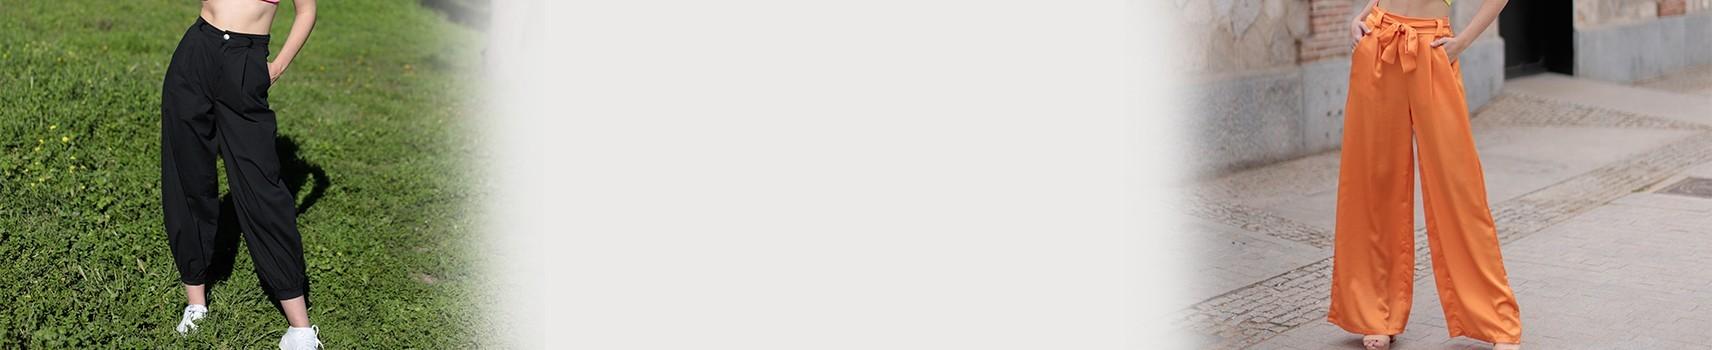 Comprar Pantalones casual de Mujer Online | Pantalones |【Fasto Shop】